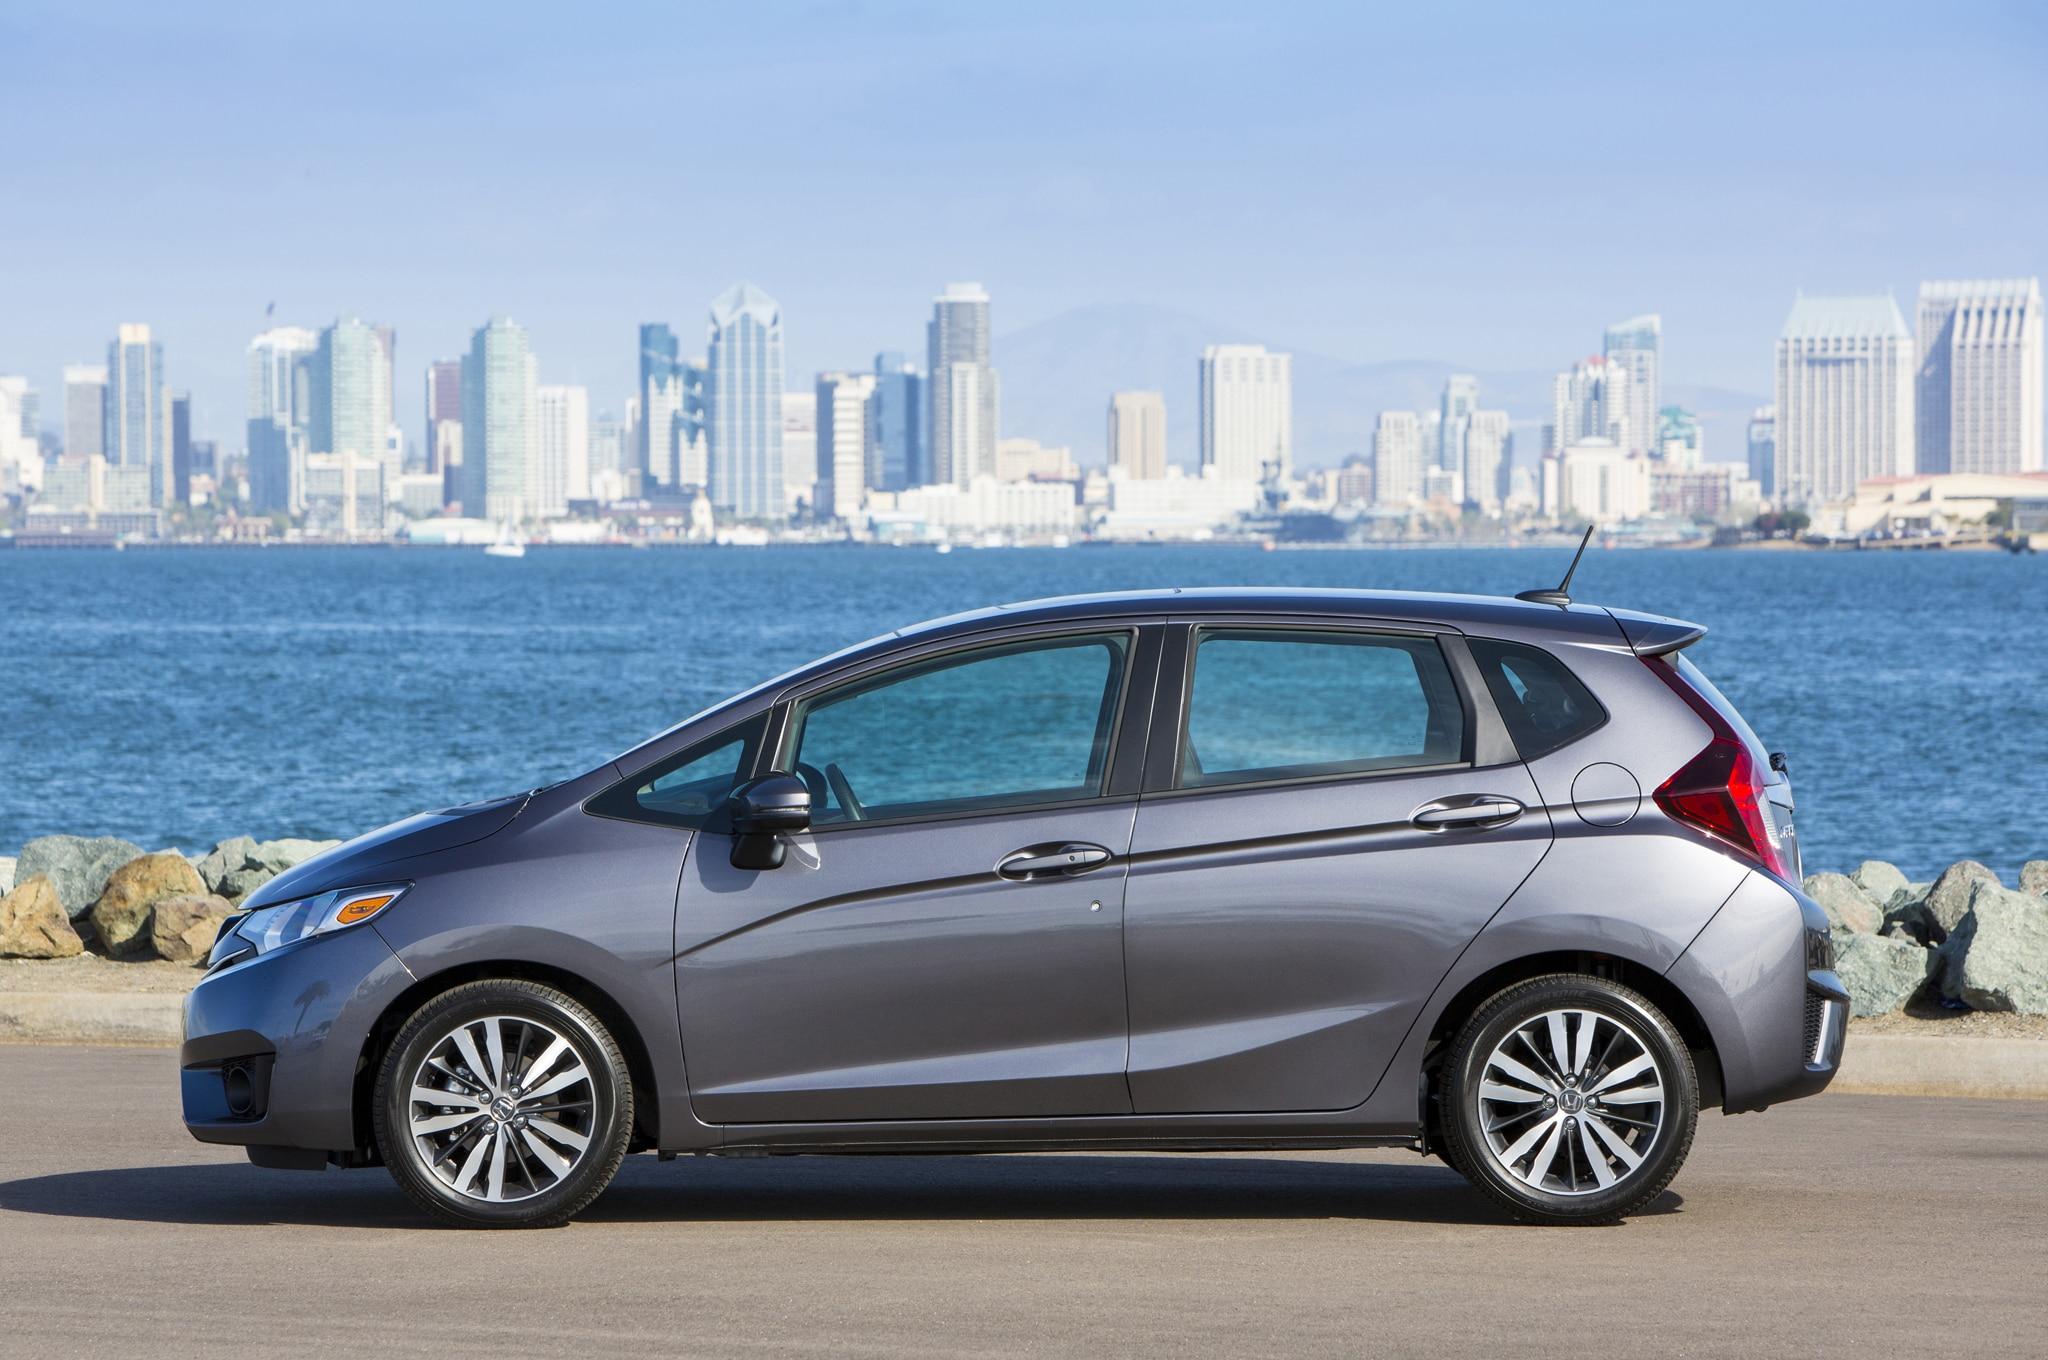 Honda fit review 2015